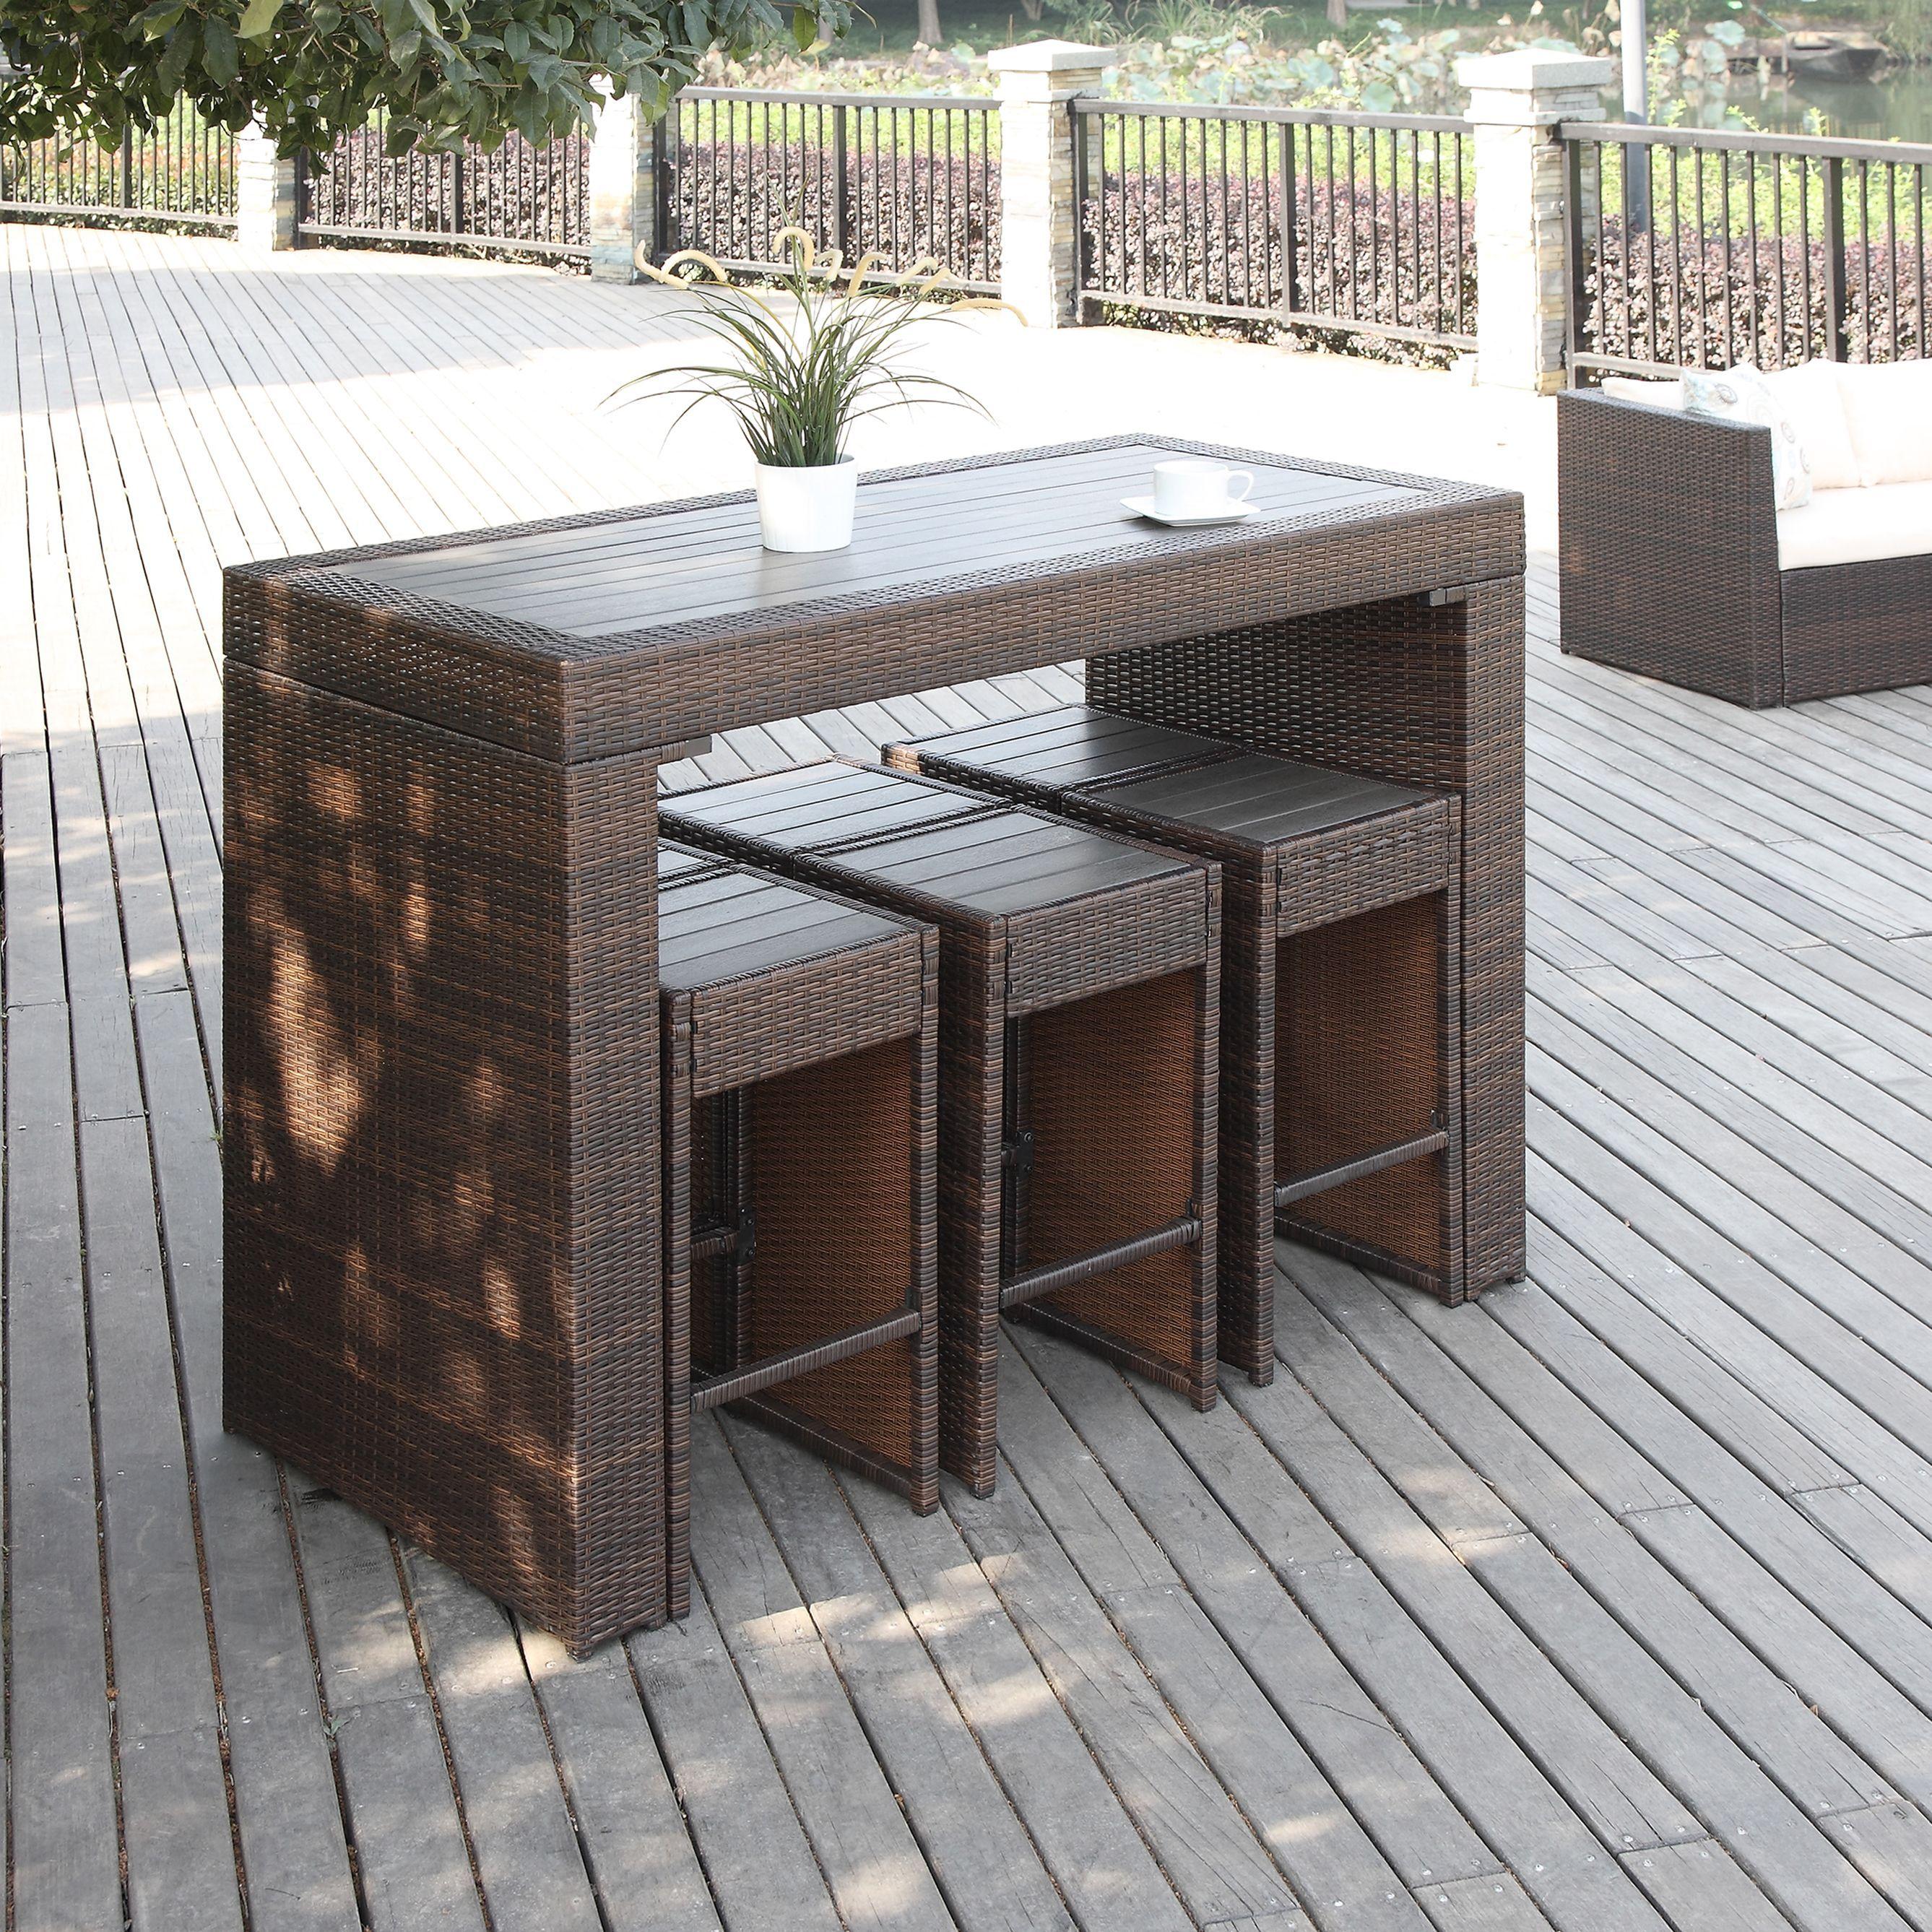 Handy Living Aldrich Brown 7 Piece Indoor Outdoor Resin Rattan